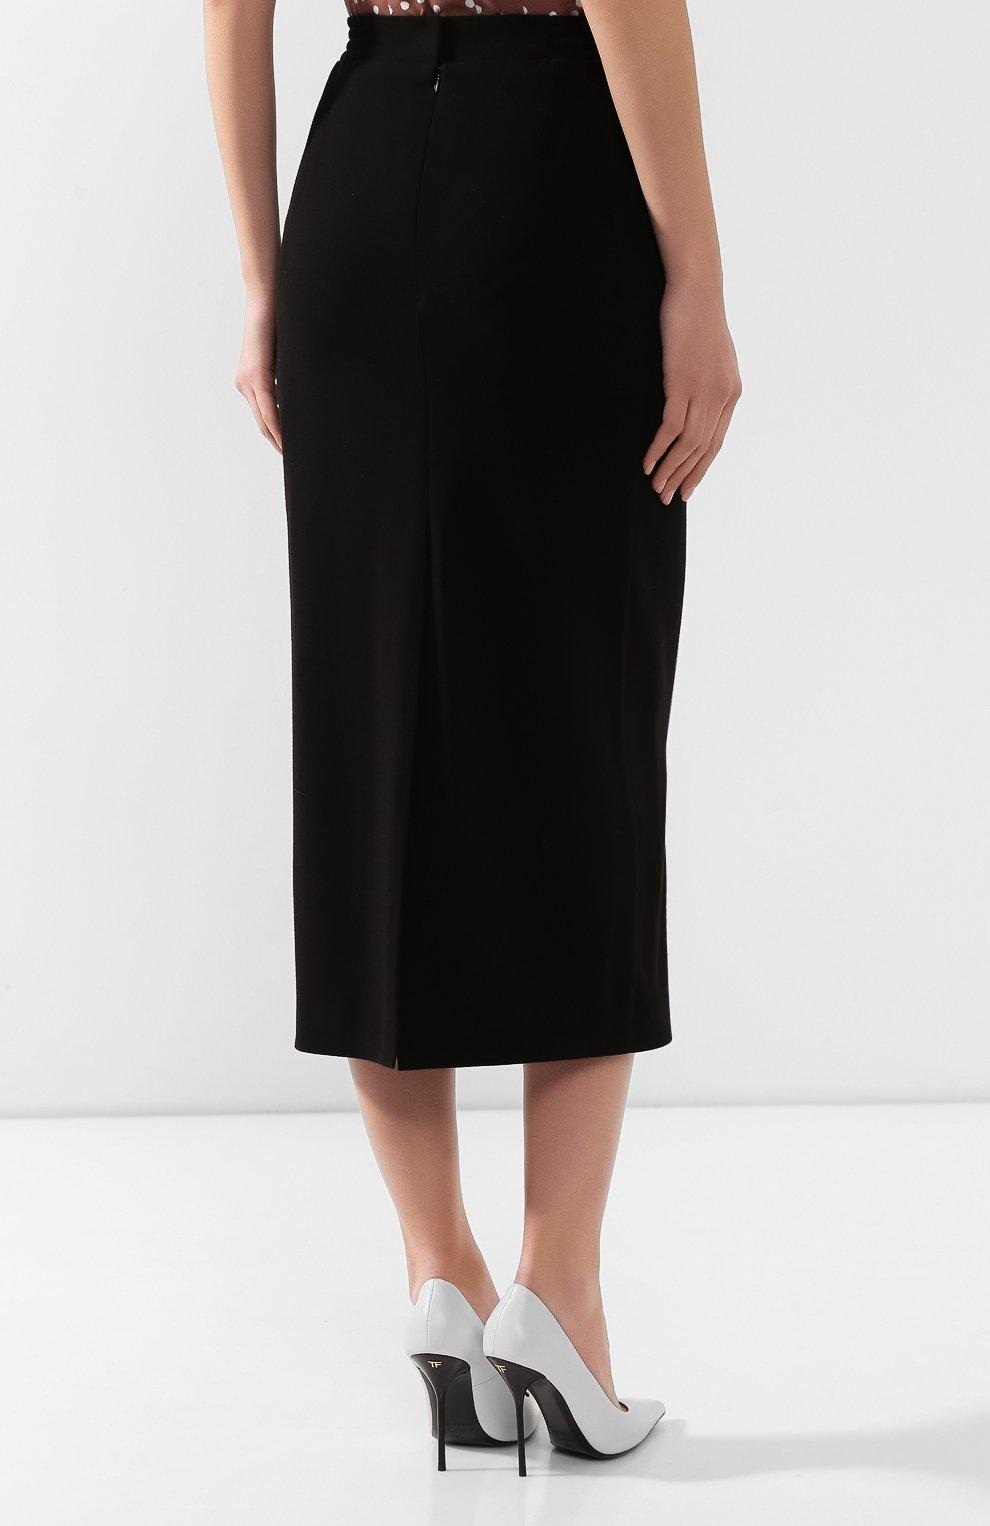 Женская юбка ULYANA SERGEENKO черного цвета, арт. 0153т19 (GNM005SS19P) | Фото 4